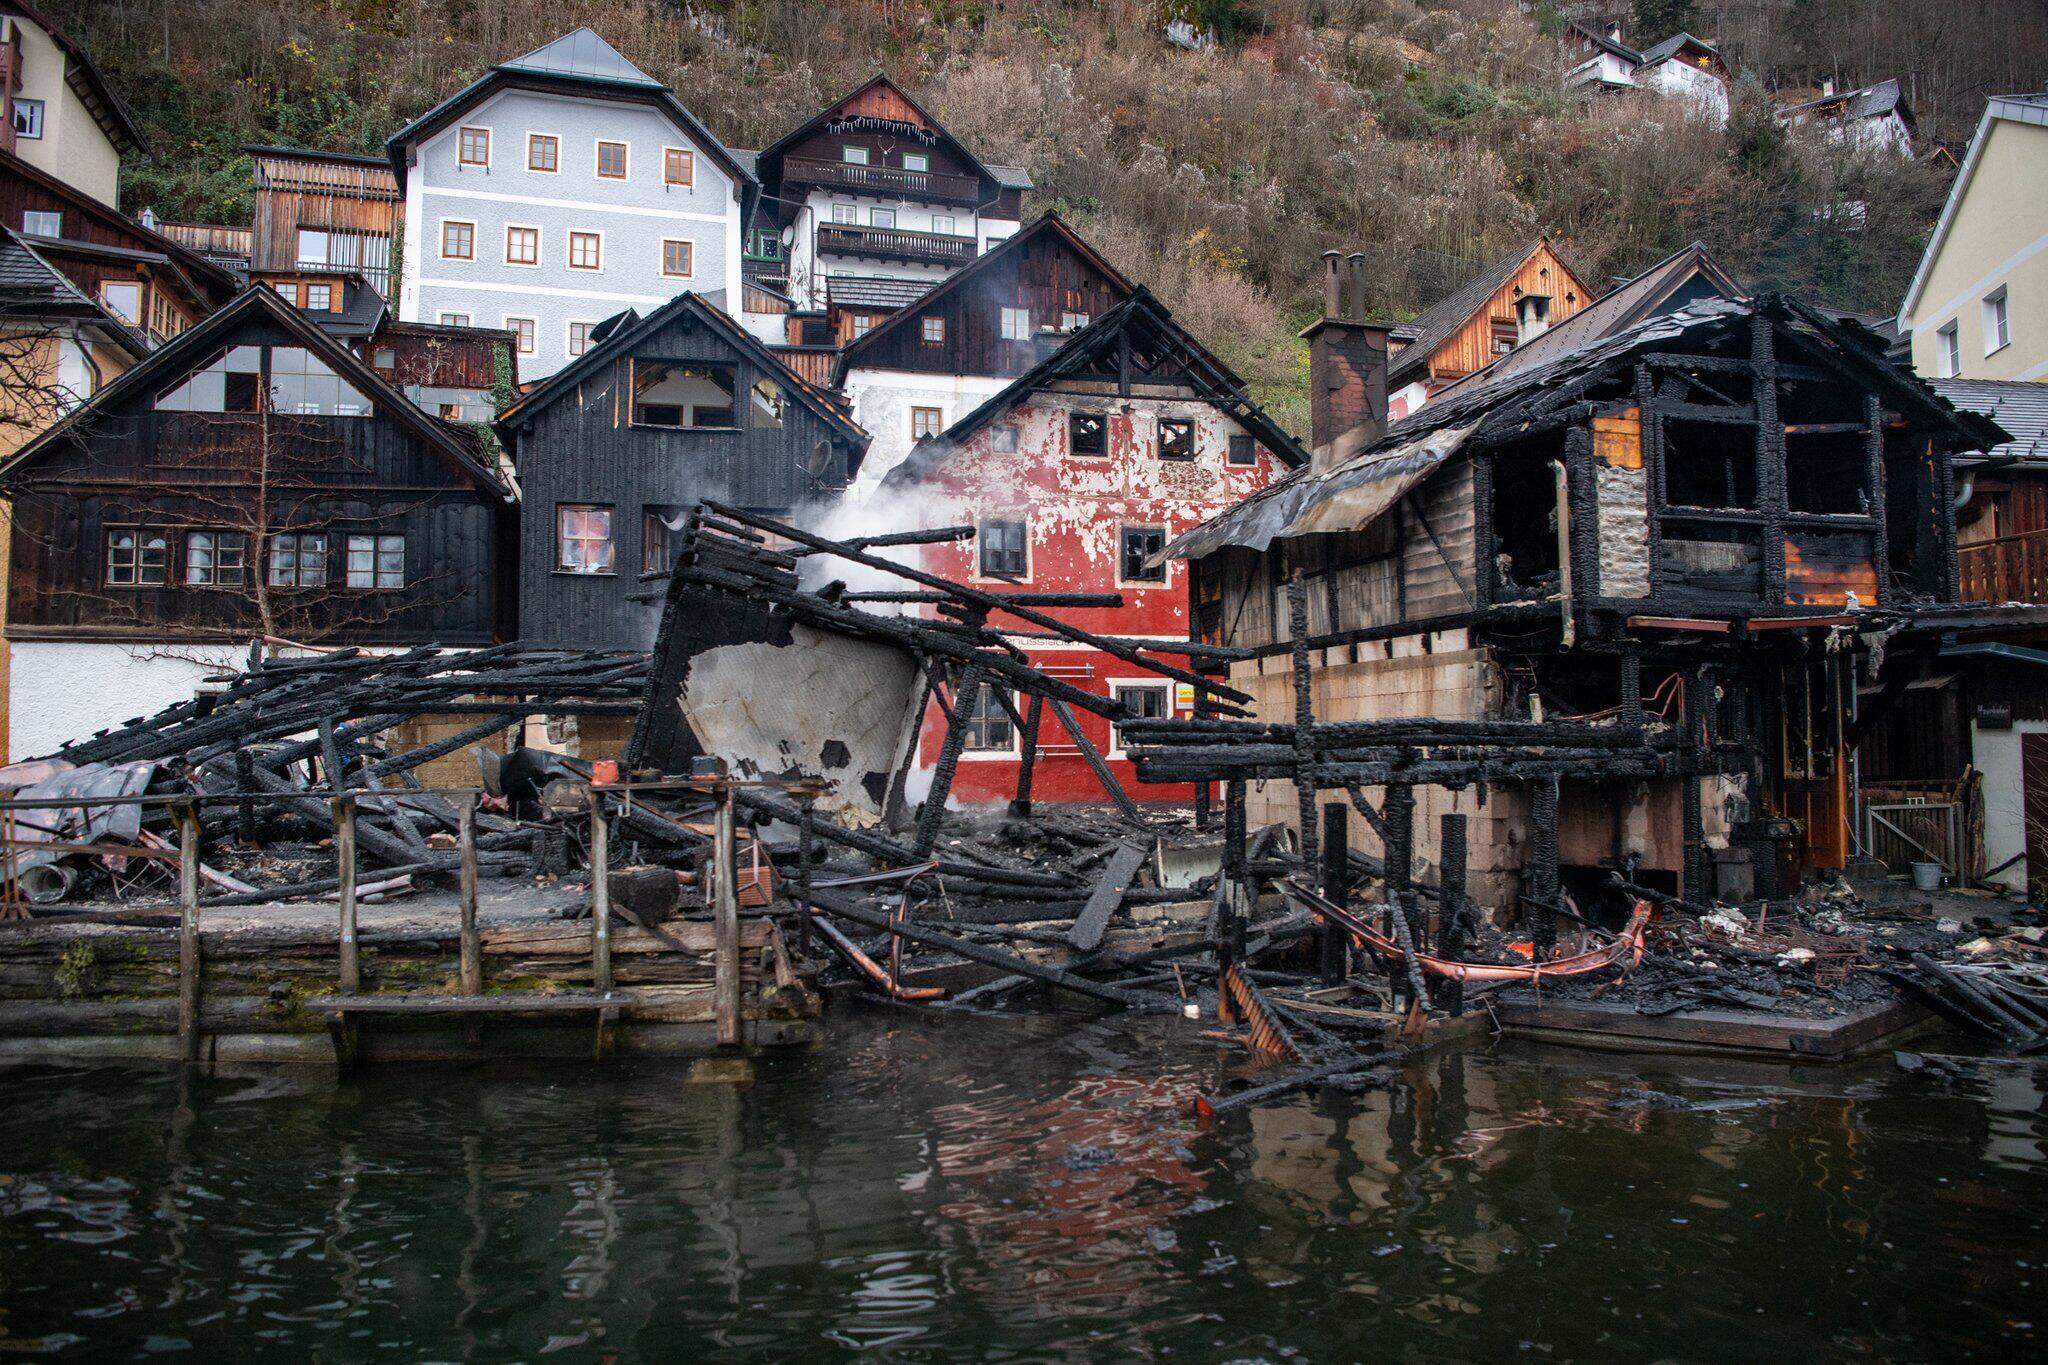 Bild zu Brand in Weltkulturerbe-Ort Hallstatt in Österreich